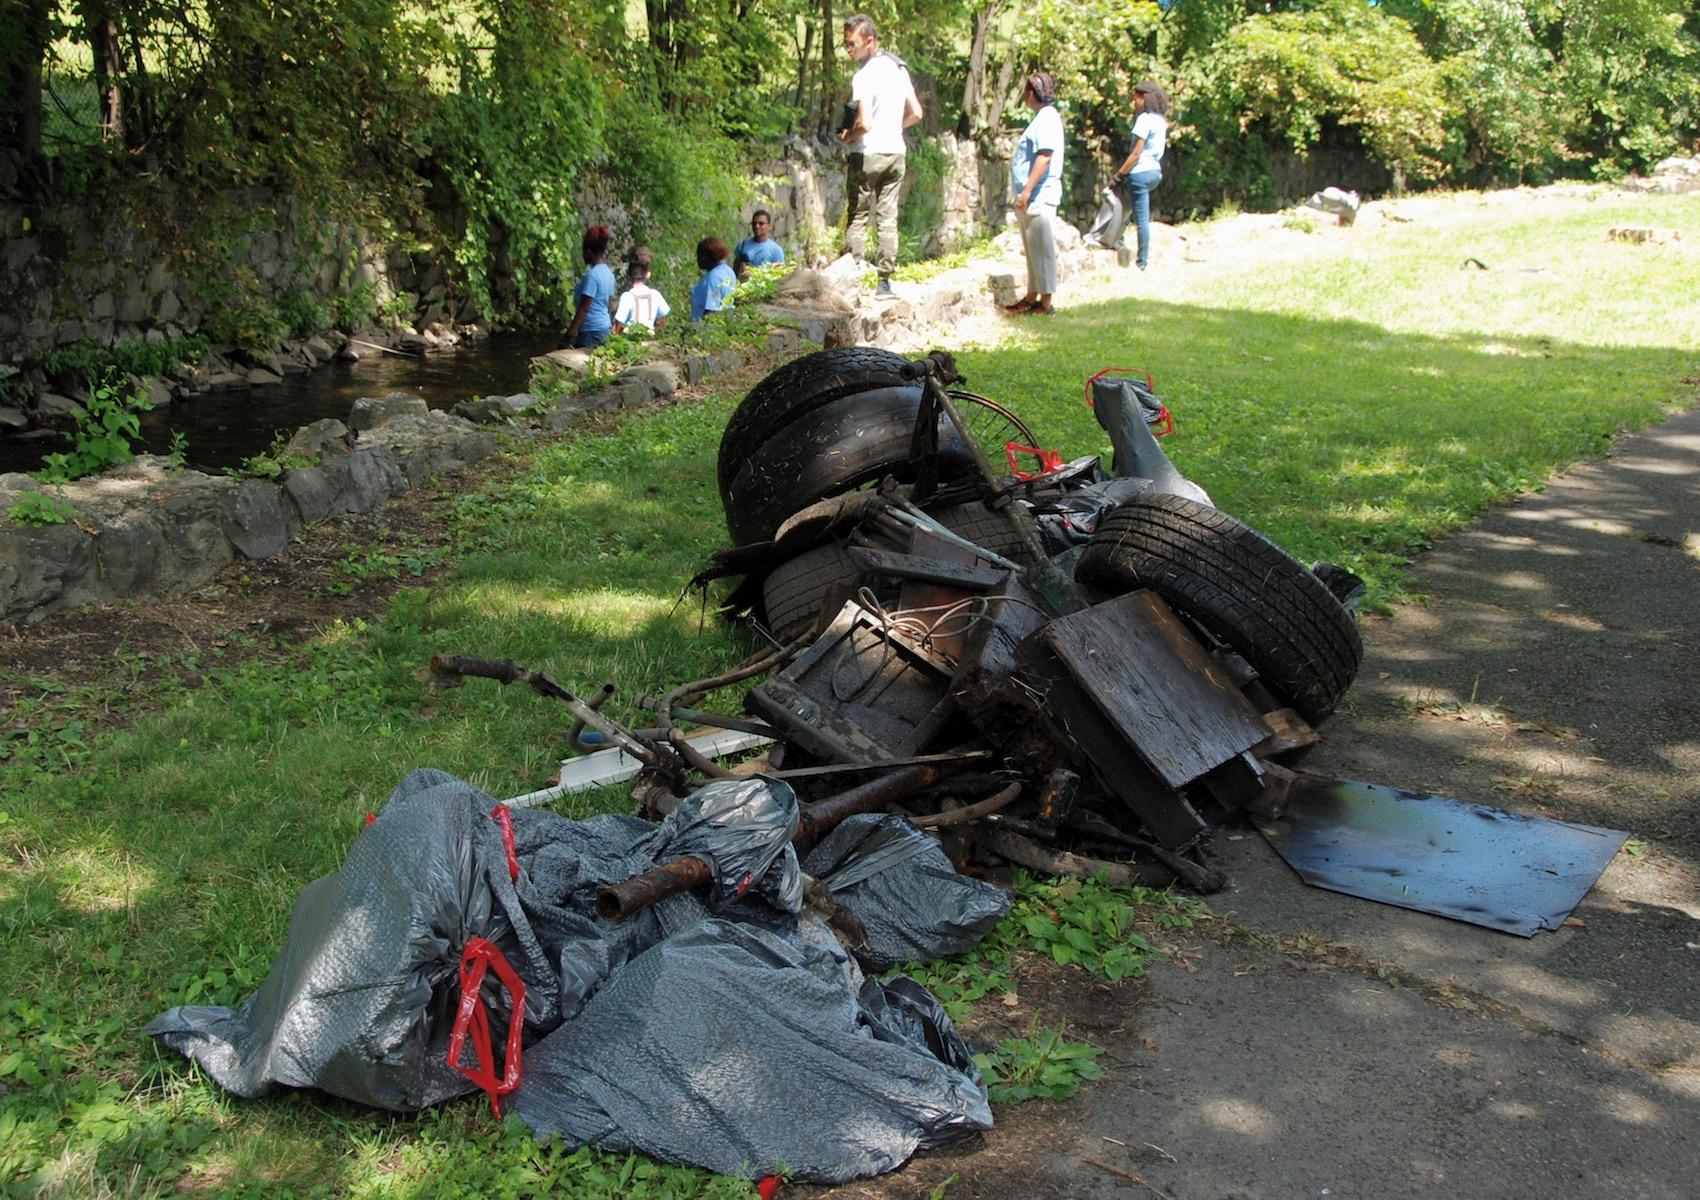 July 2017 Volunteer Cleanup at Fall Kill Creek. Photo: Jay Dorin